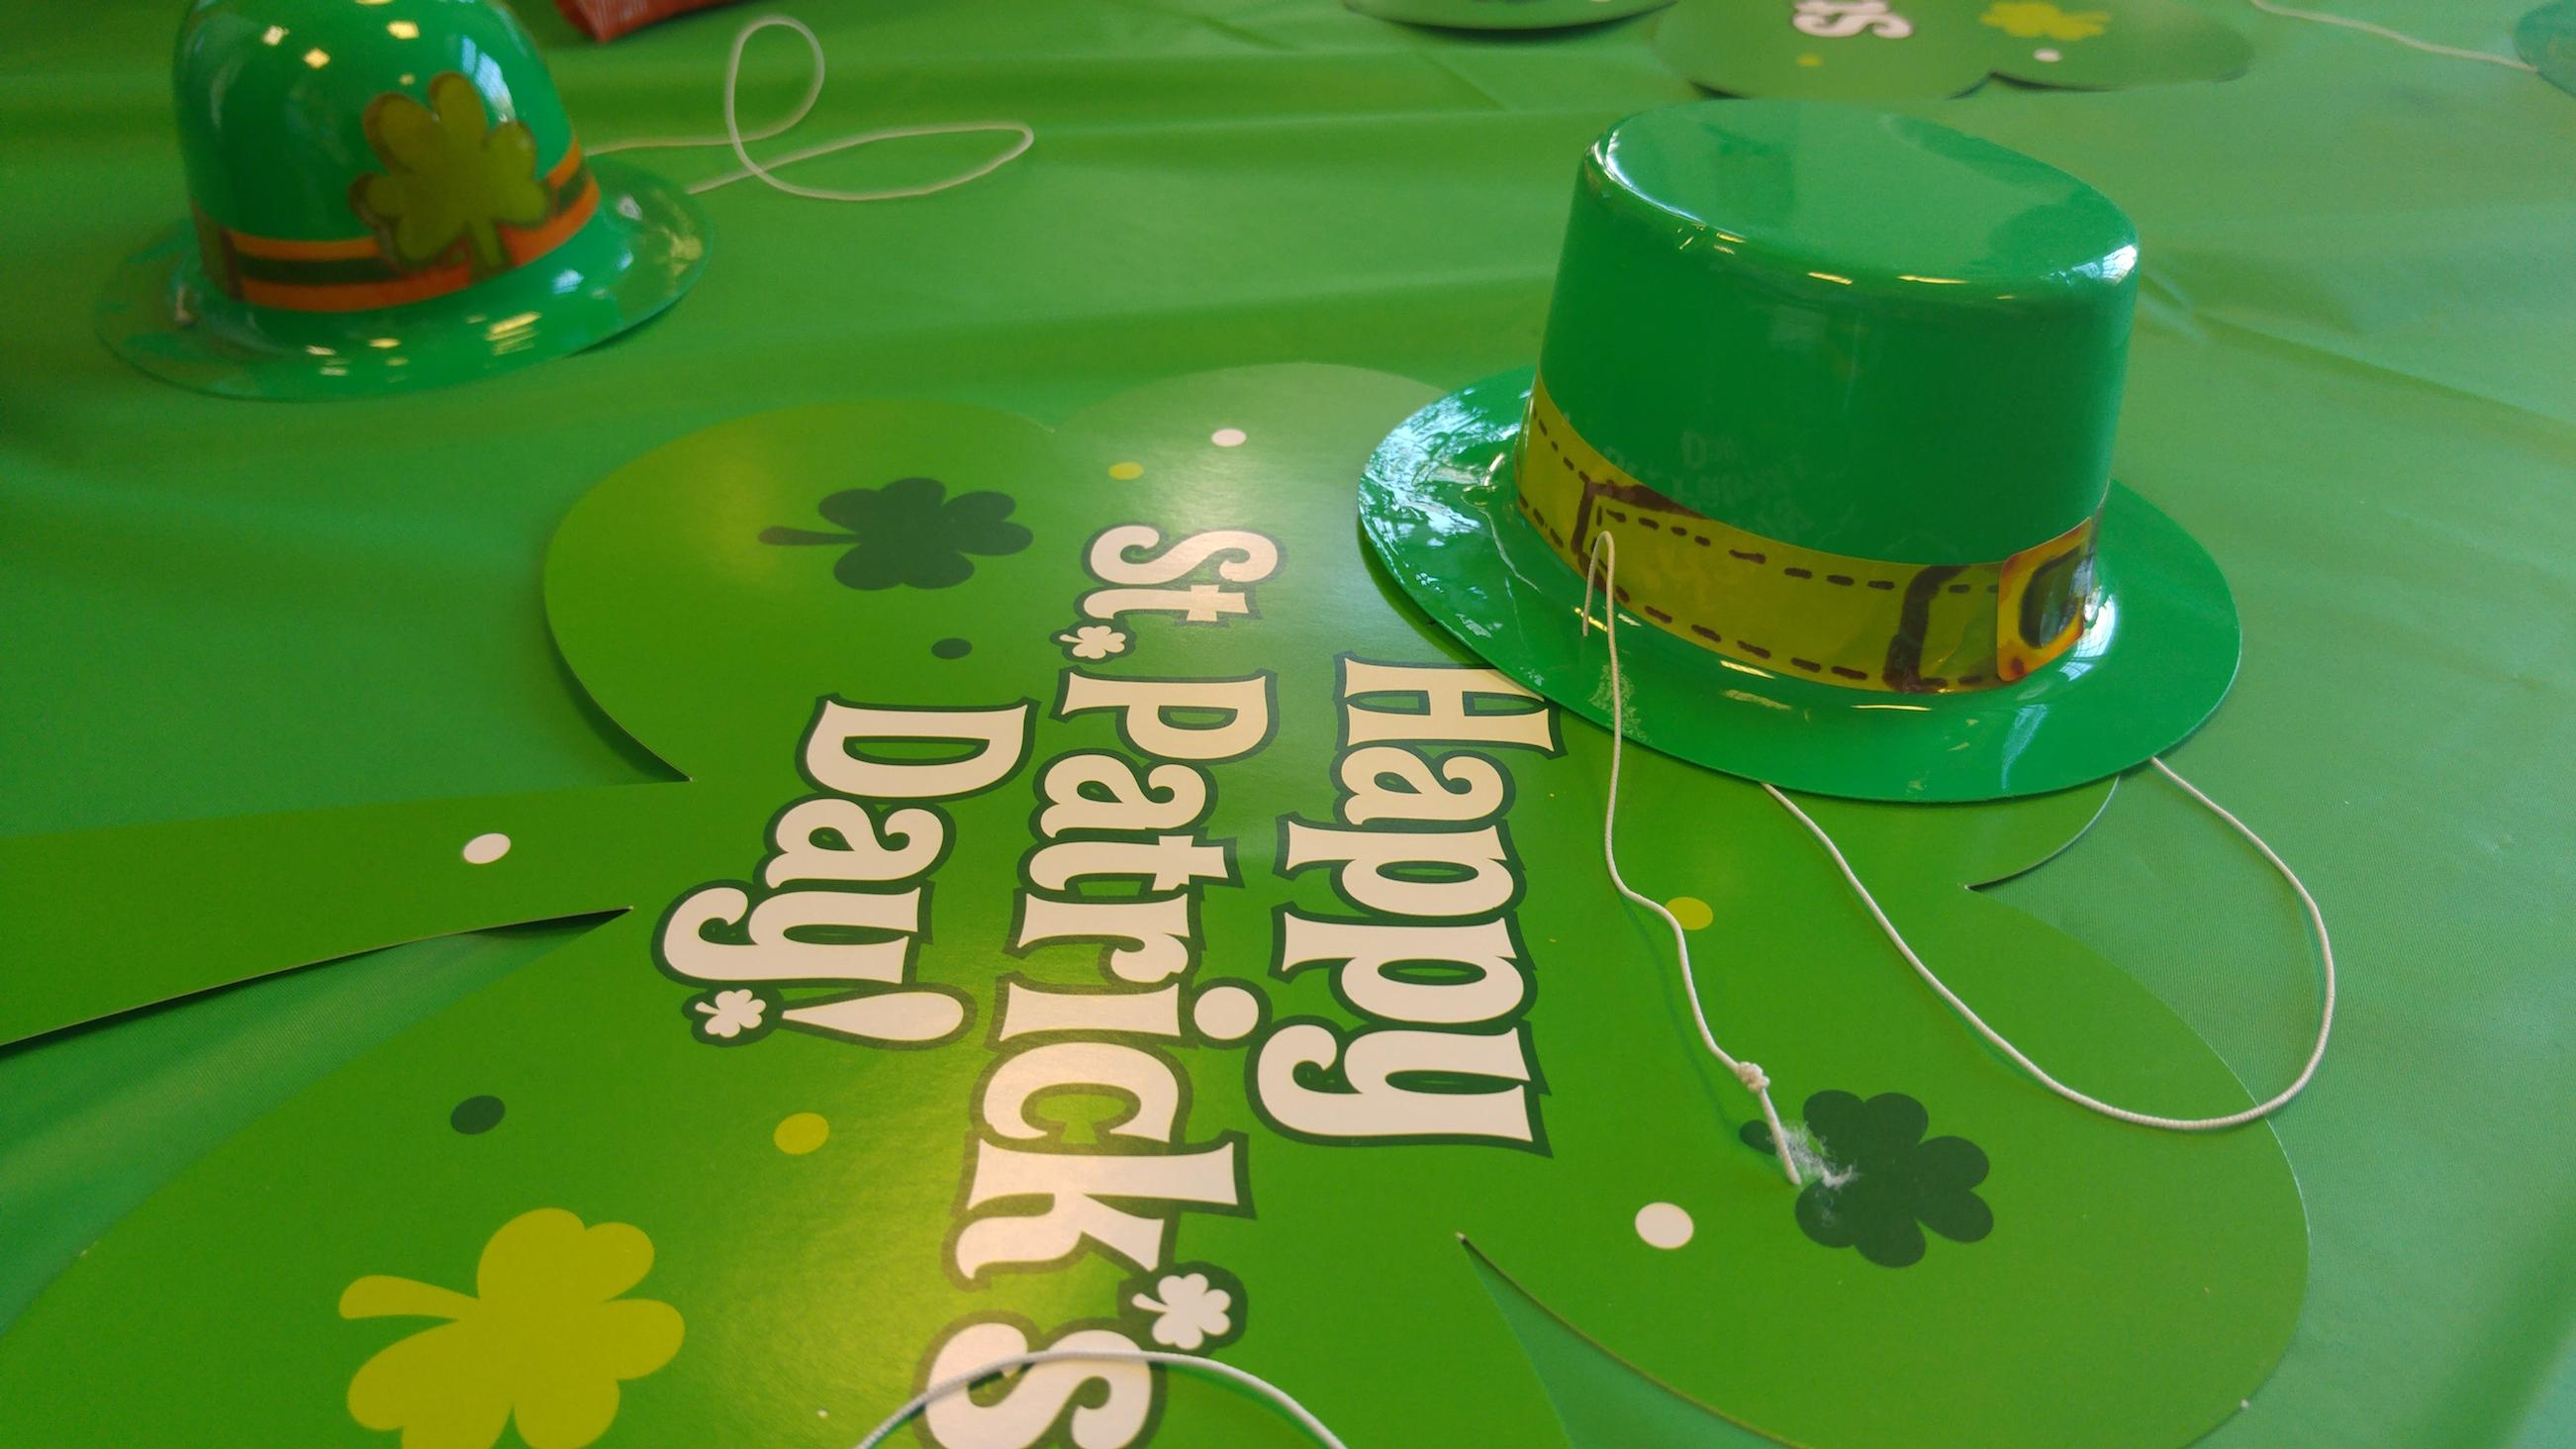 Lá Fhéile Pádraig – St.Patrick's Day!